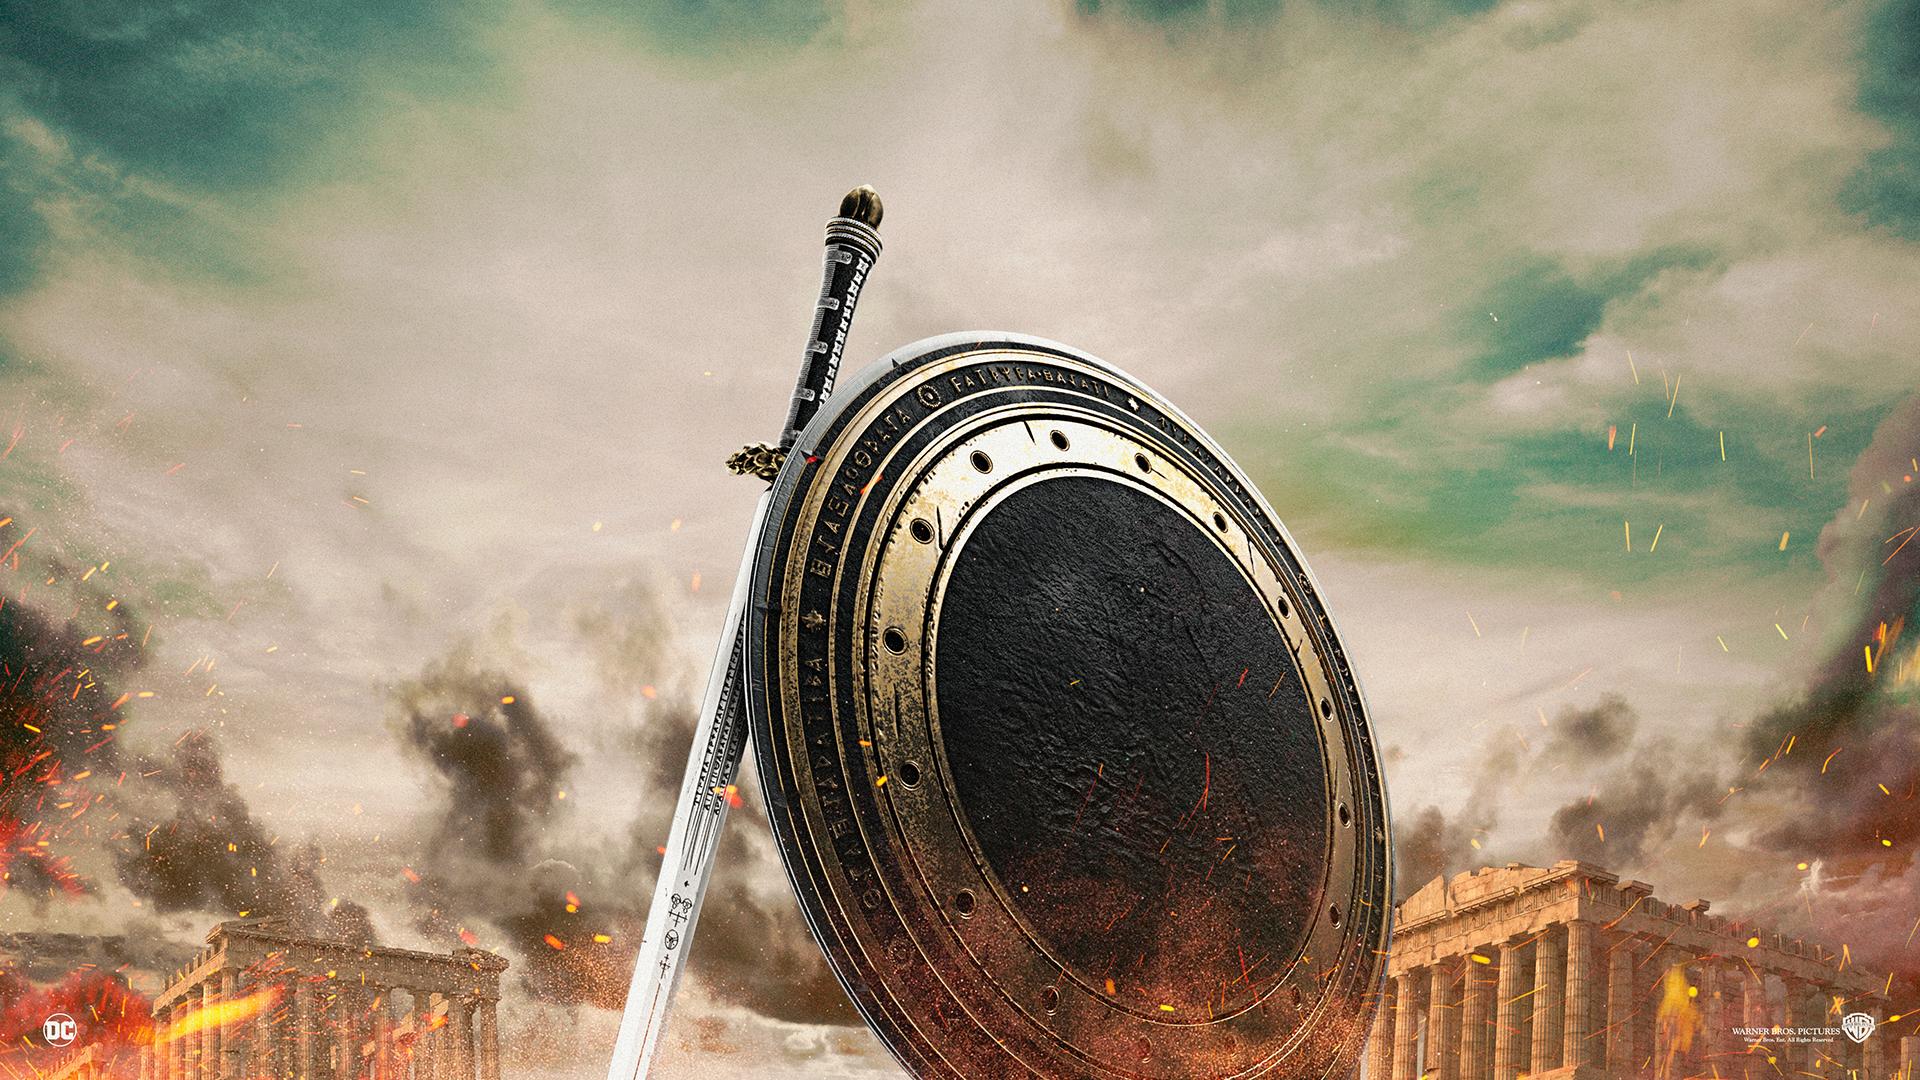 Wallpaper Wonder Woman sword and shield artwork